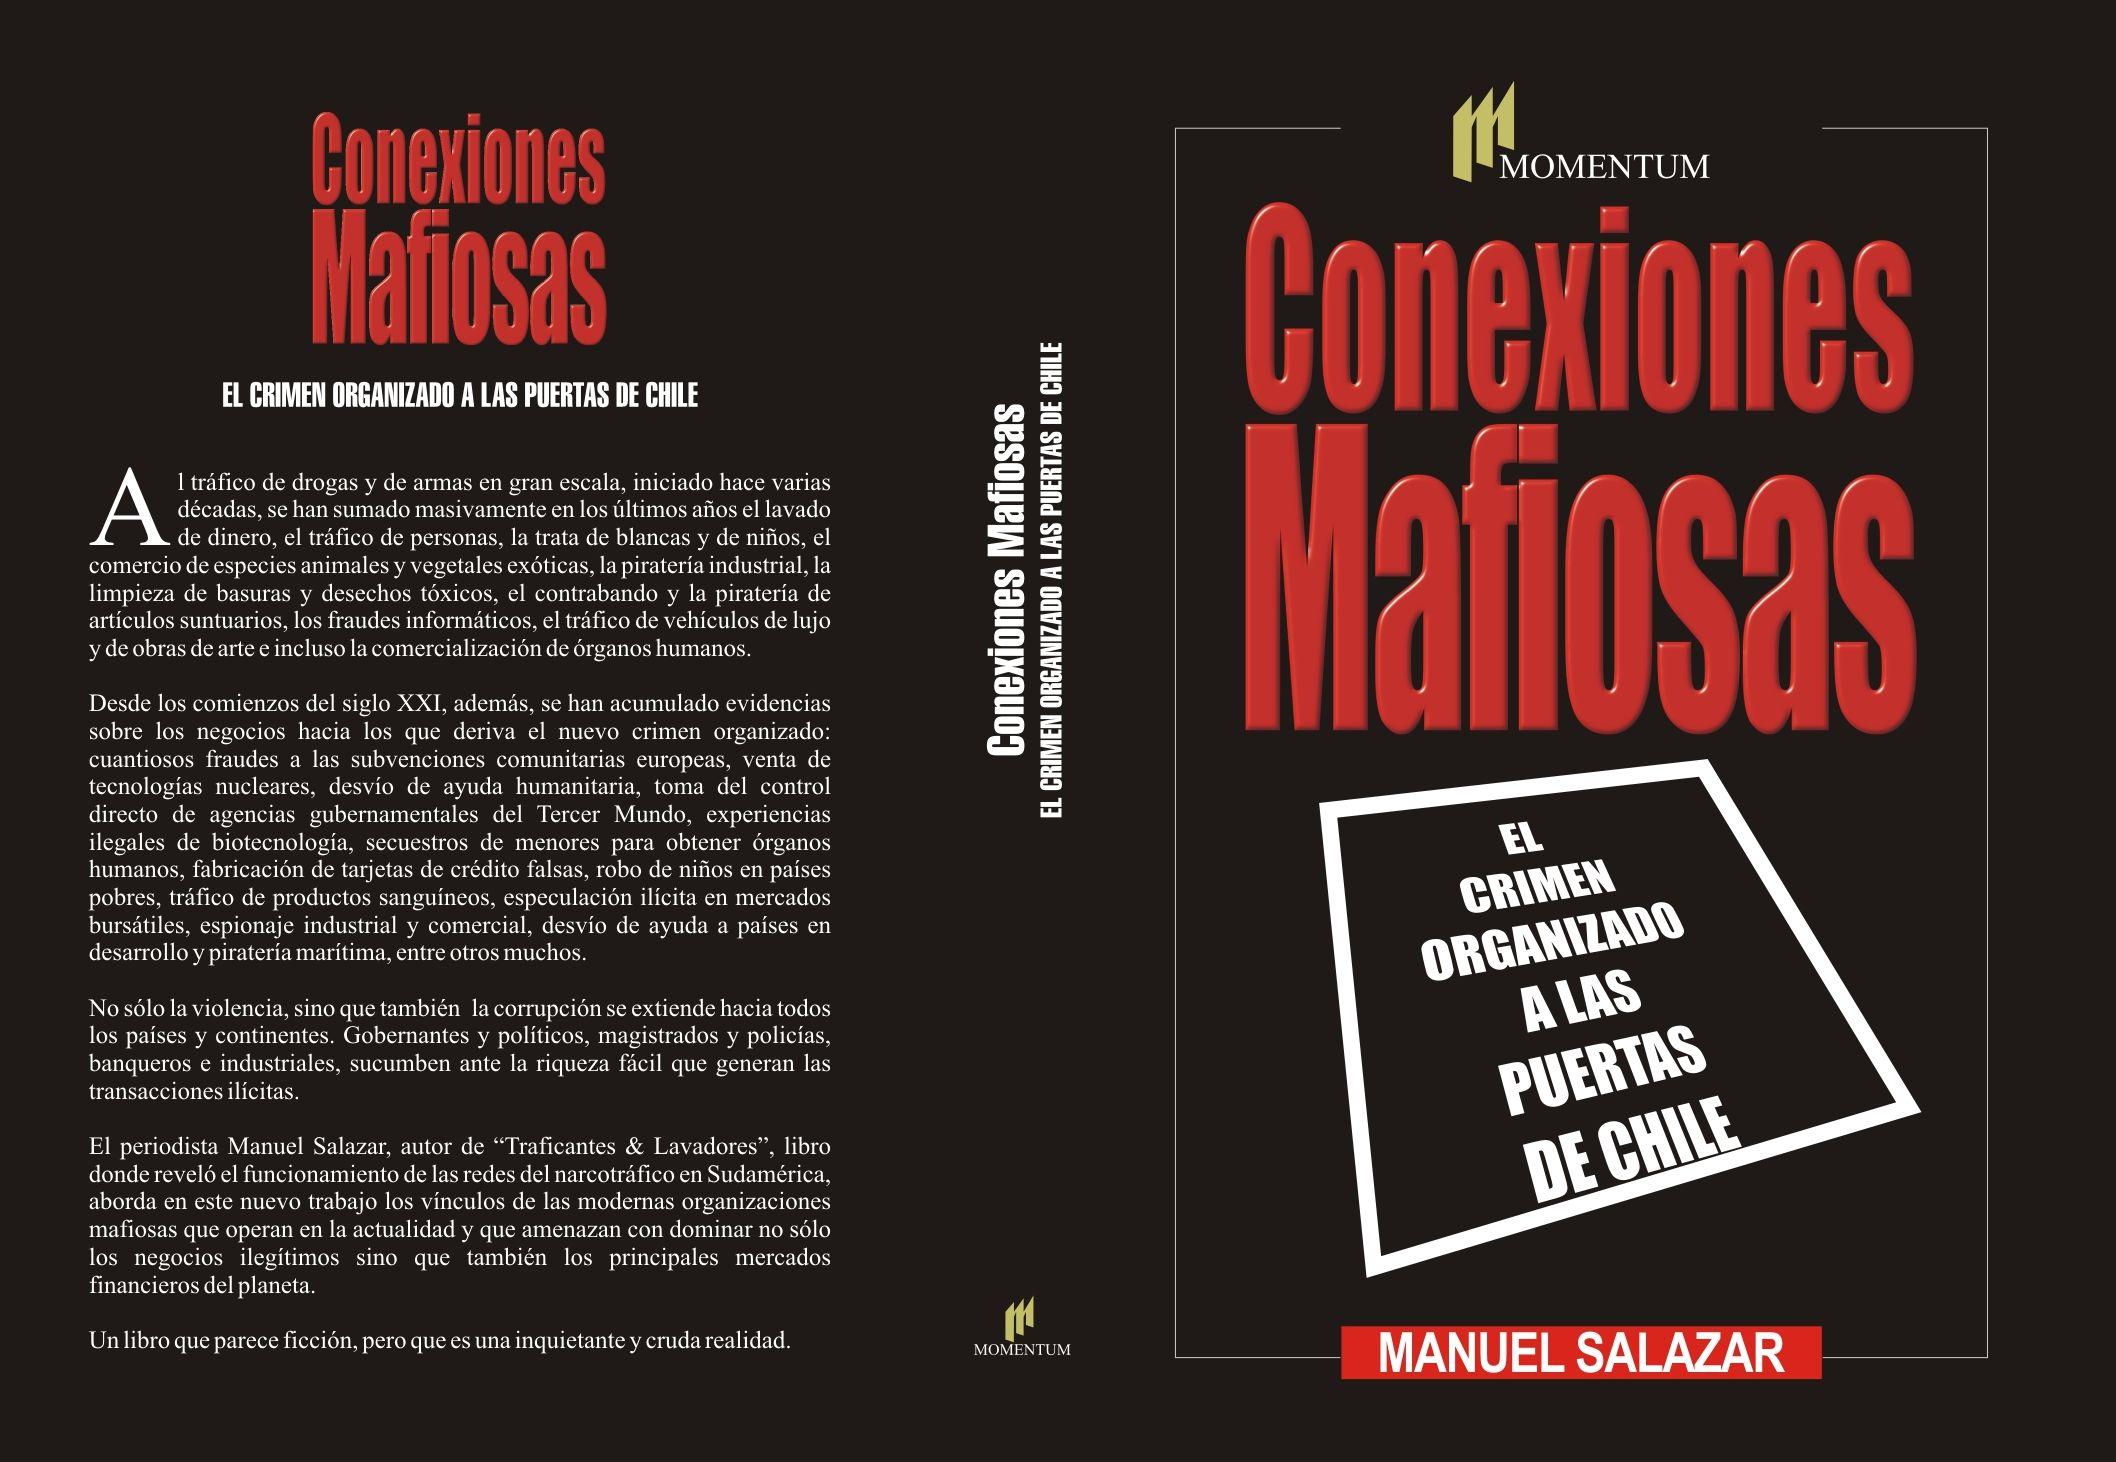 Libro de Manuel Salazar prologado por la autora